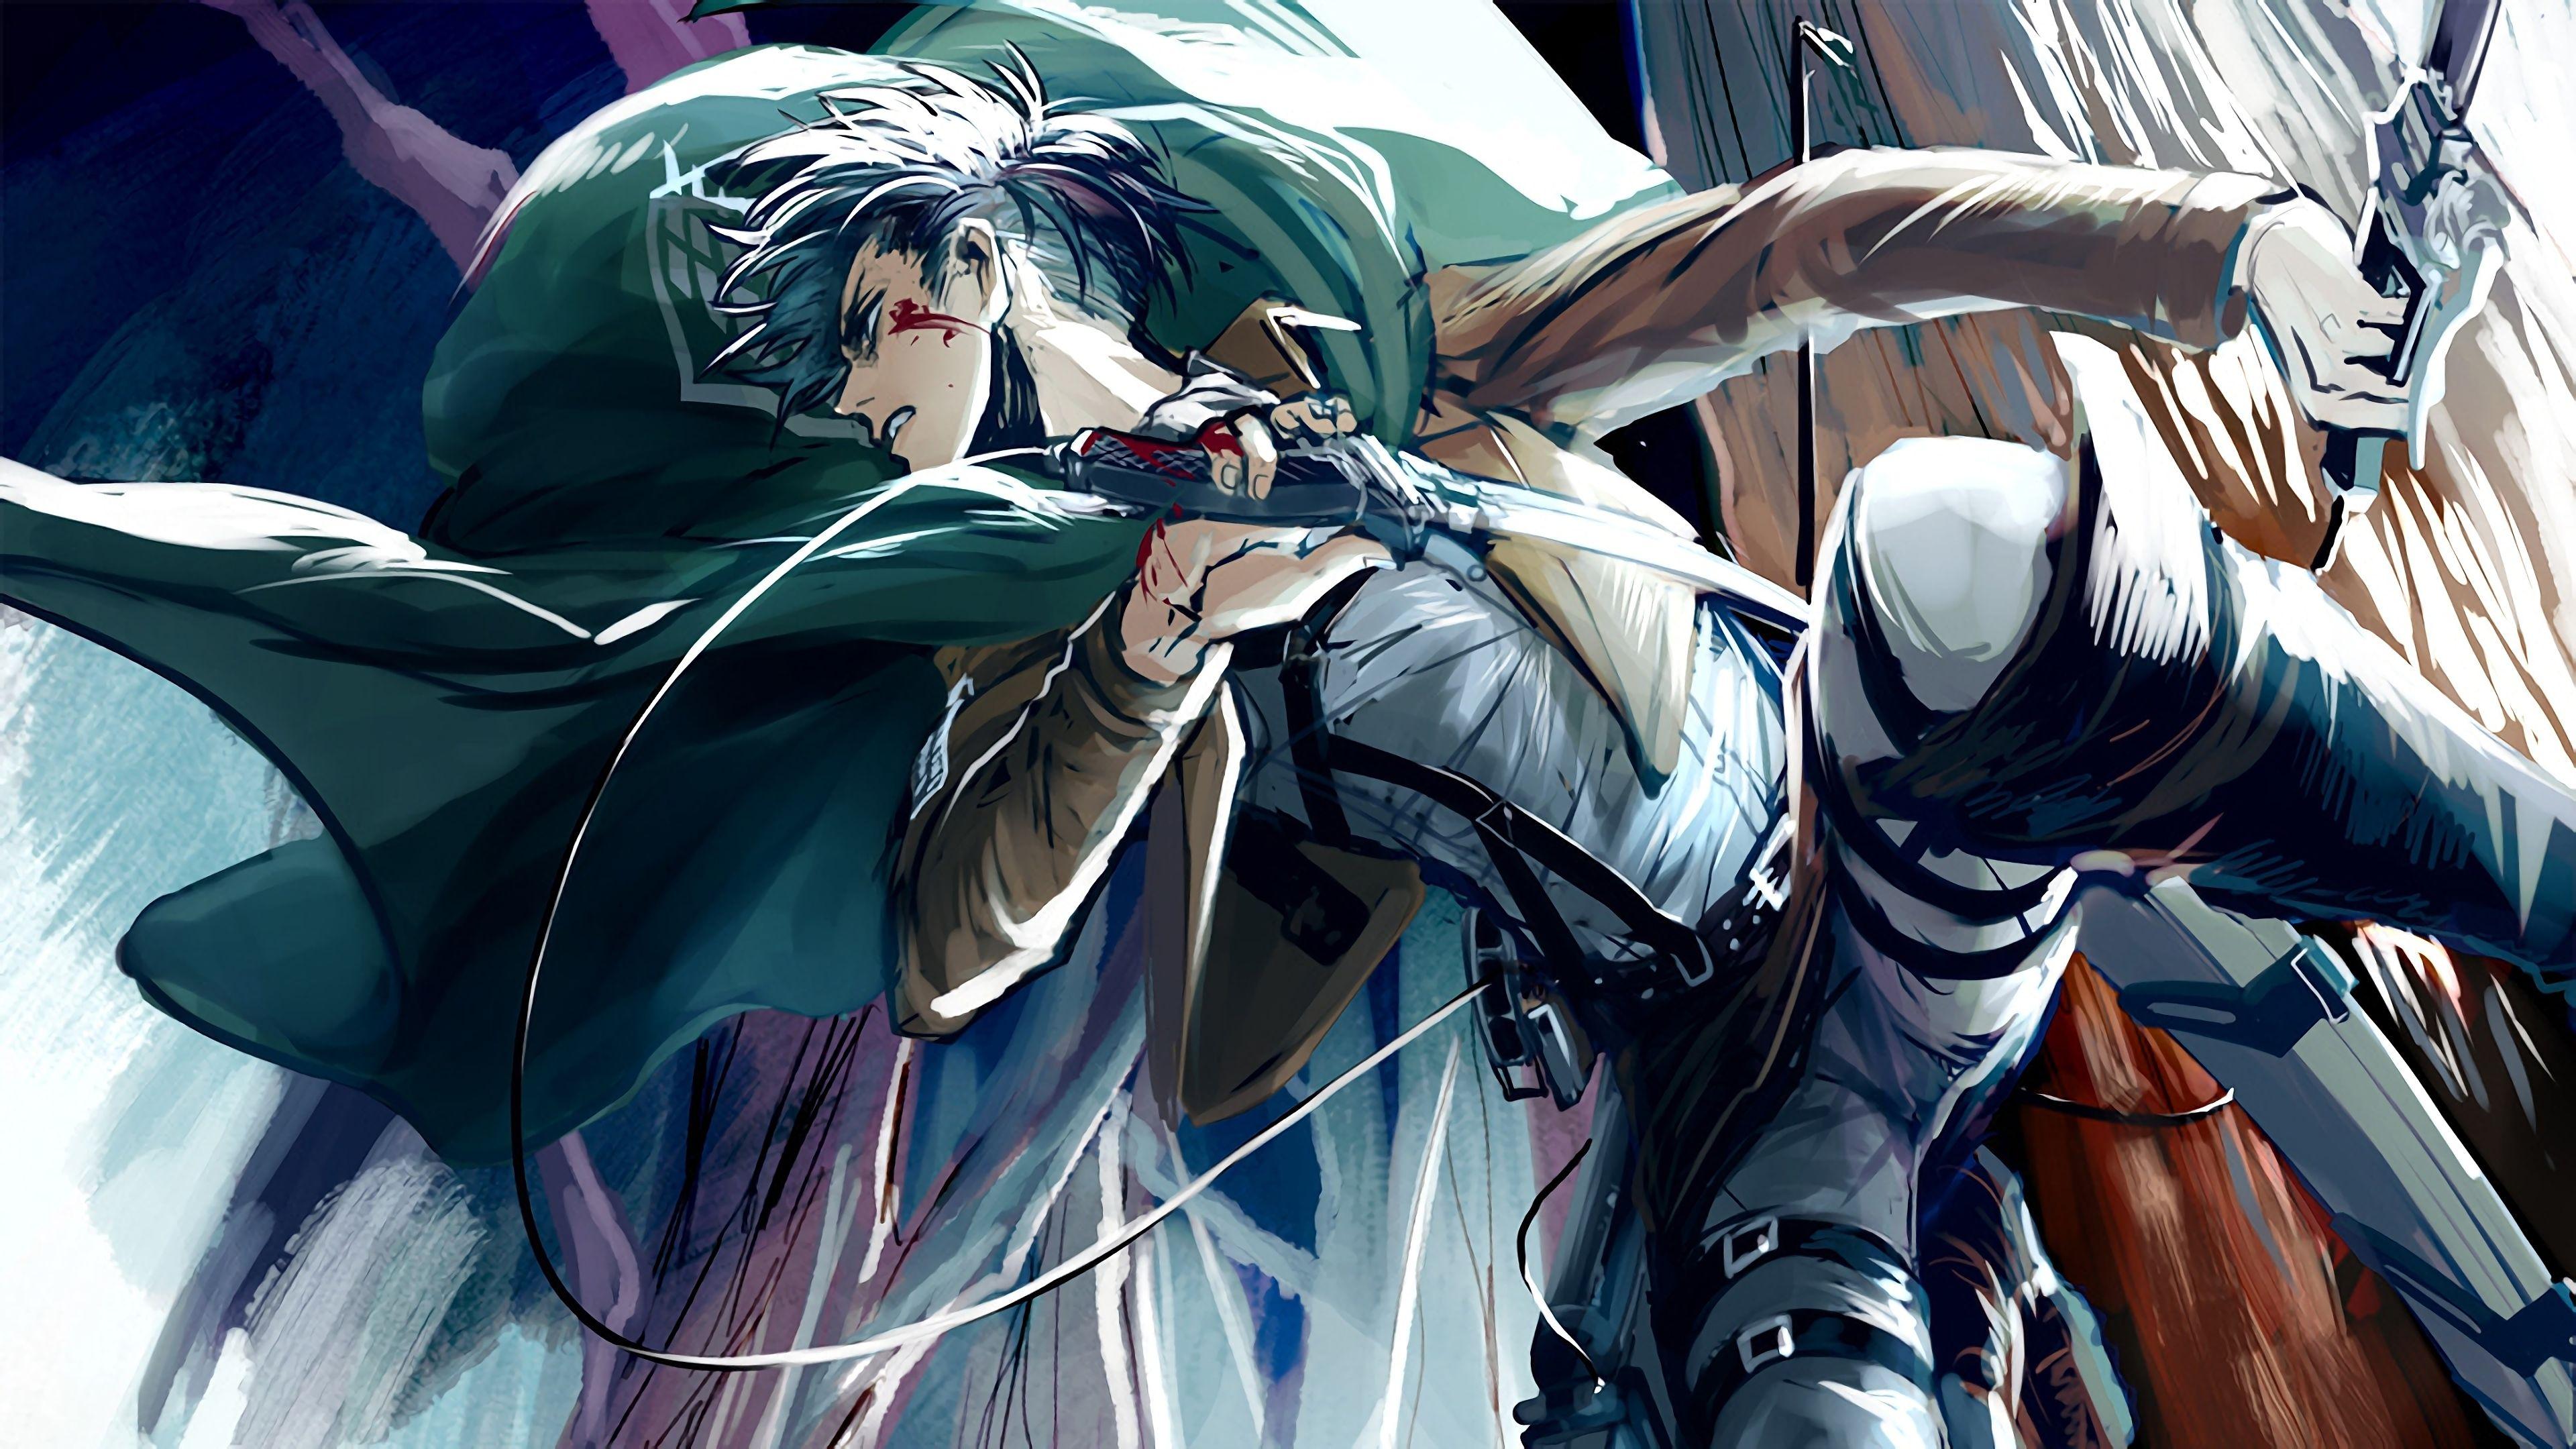 Levi Ackerman Attack On Titan Shingeki No Kyojin Anime 3840x2160 Wallpaper Attack On Titan Levi Attack On Titan Titans